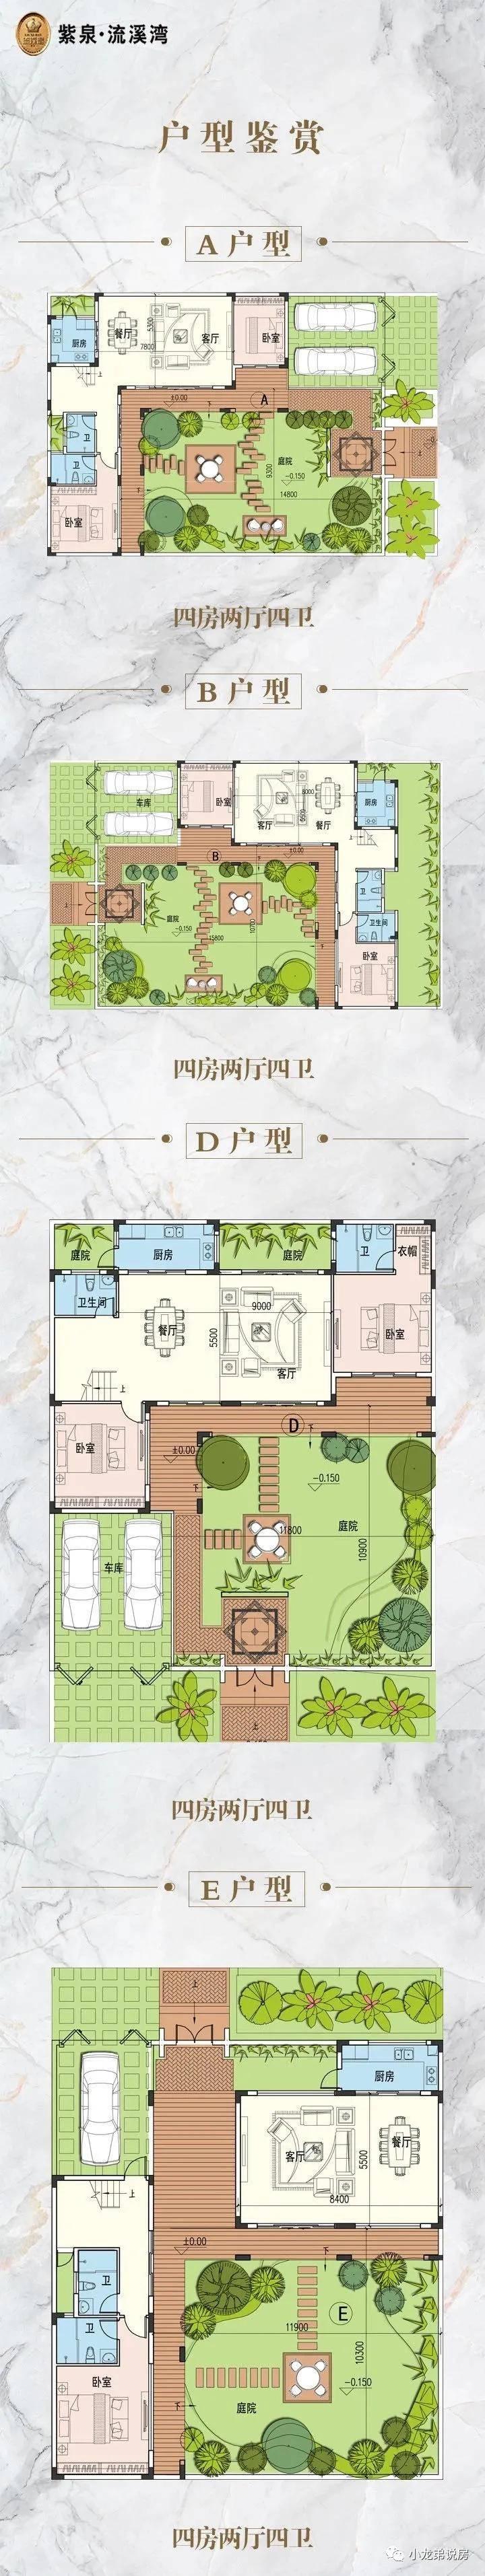 广州从化《紫泉·流溪湾》售楼中心楼盘最新资料,图文解析【官方】